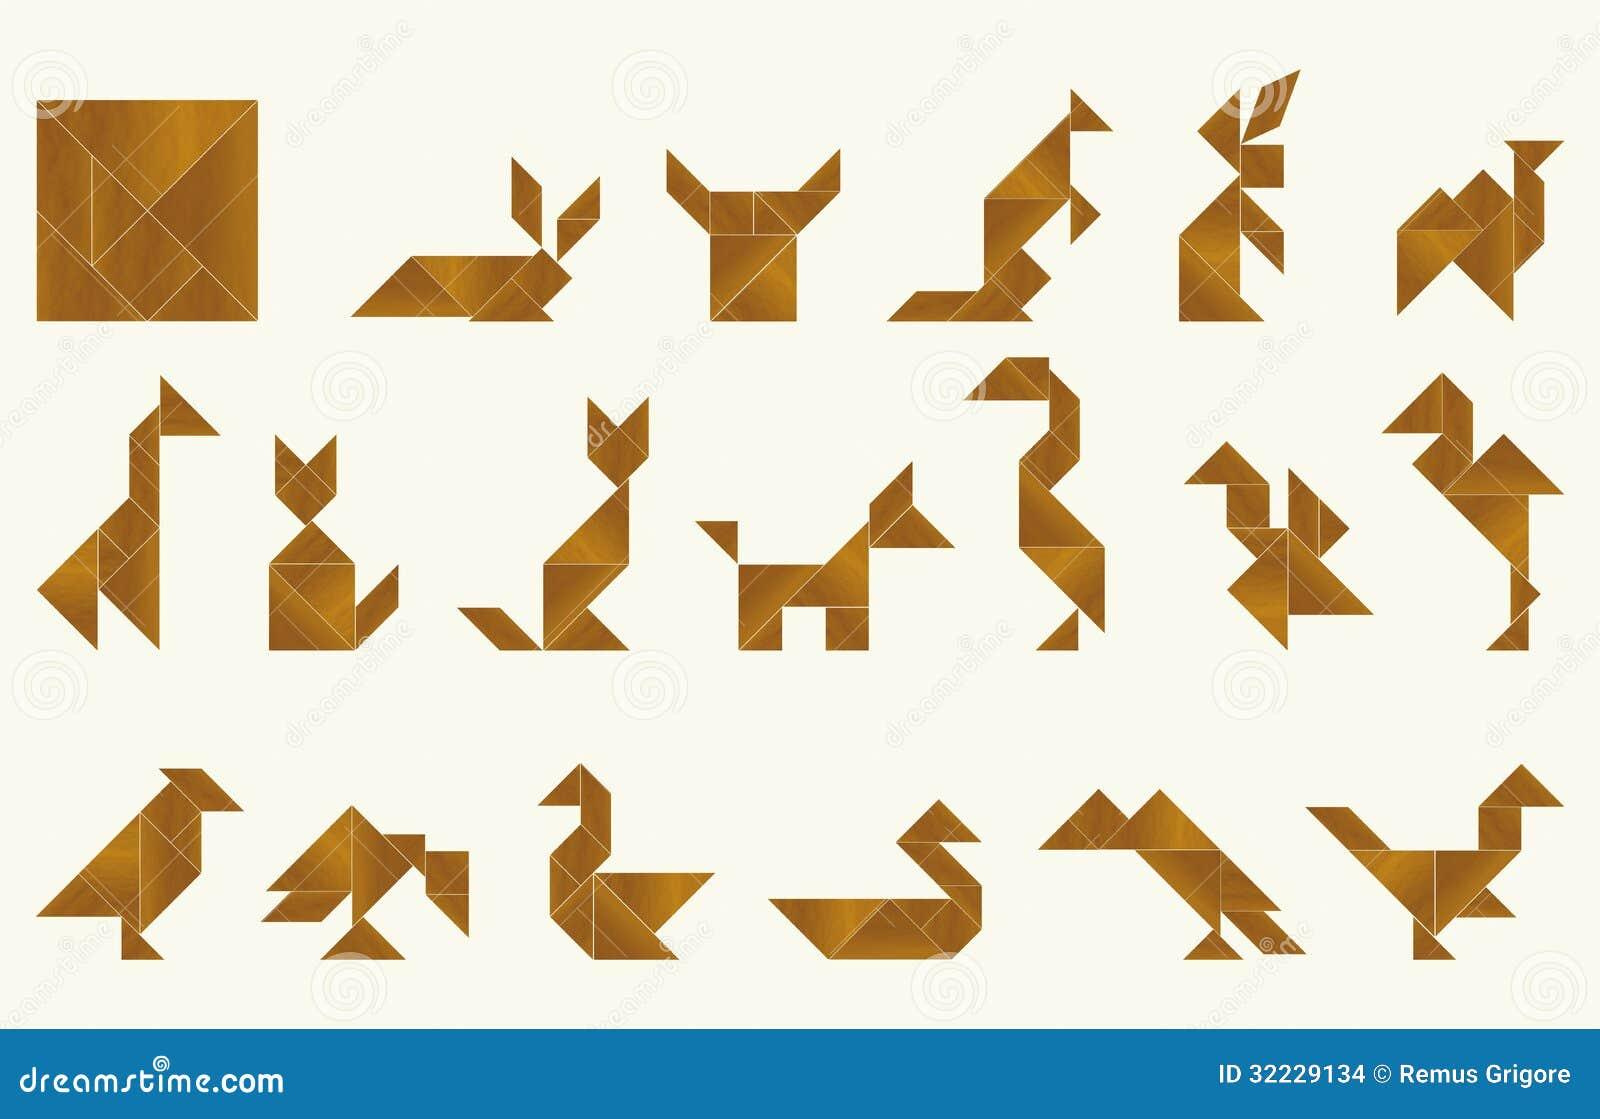 tangram fauna cdr format